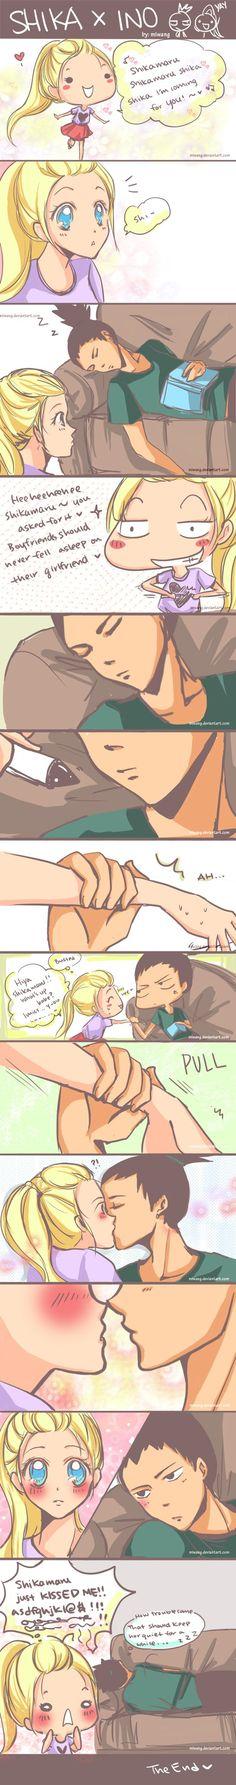 Naruto: Shika x Ino 2